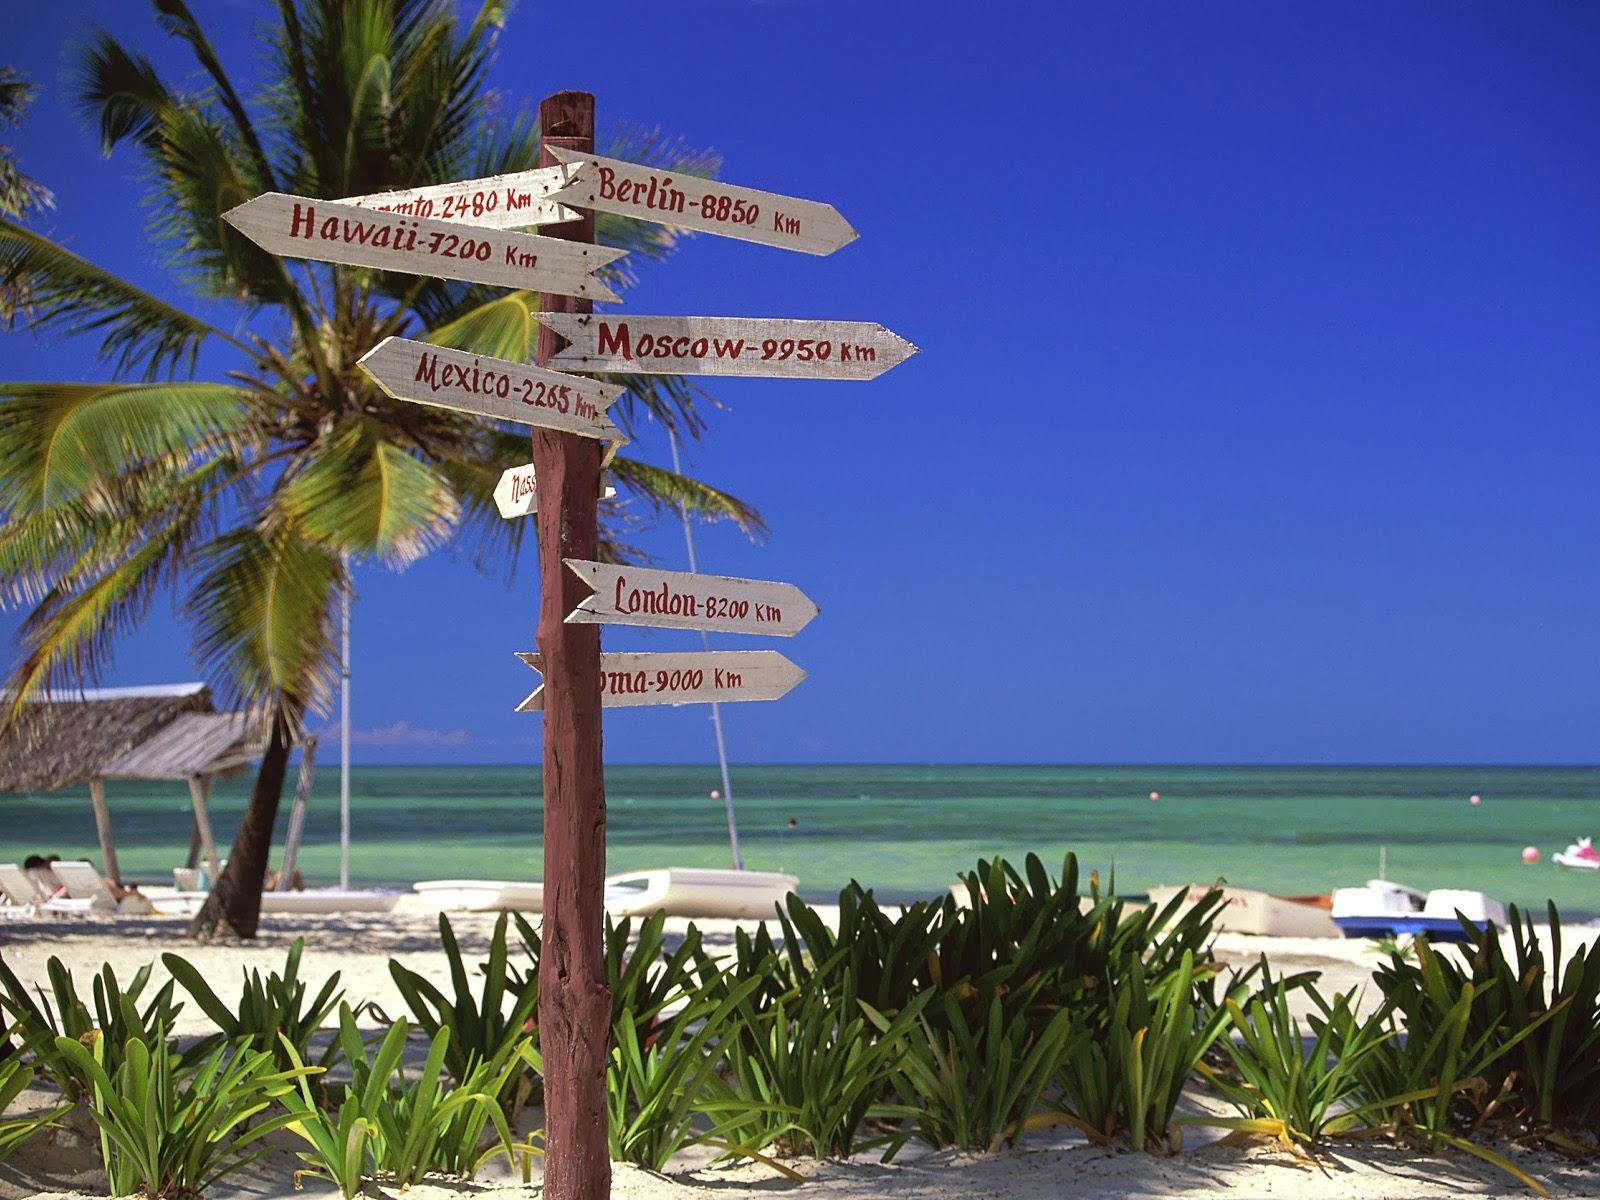 Ciego de Avila, Cuba, Salsa, vacances à Cuba, Snorkeling, plongée sous-marine, lune de miel, vacances romantiques, des paysages, des plages secrètes, sable blanc, bain de soleil, holiday in cuba, La Havane